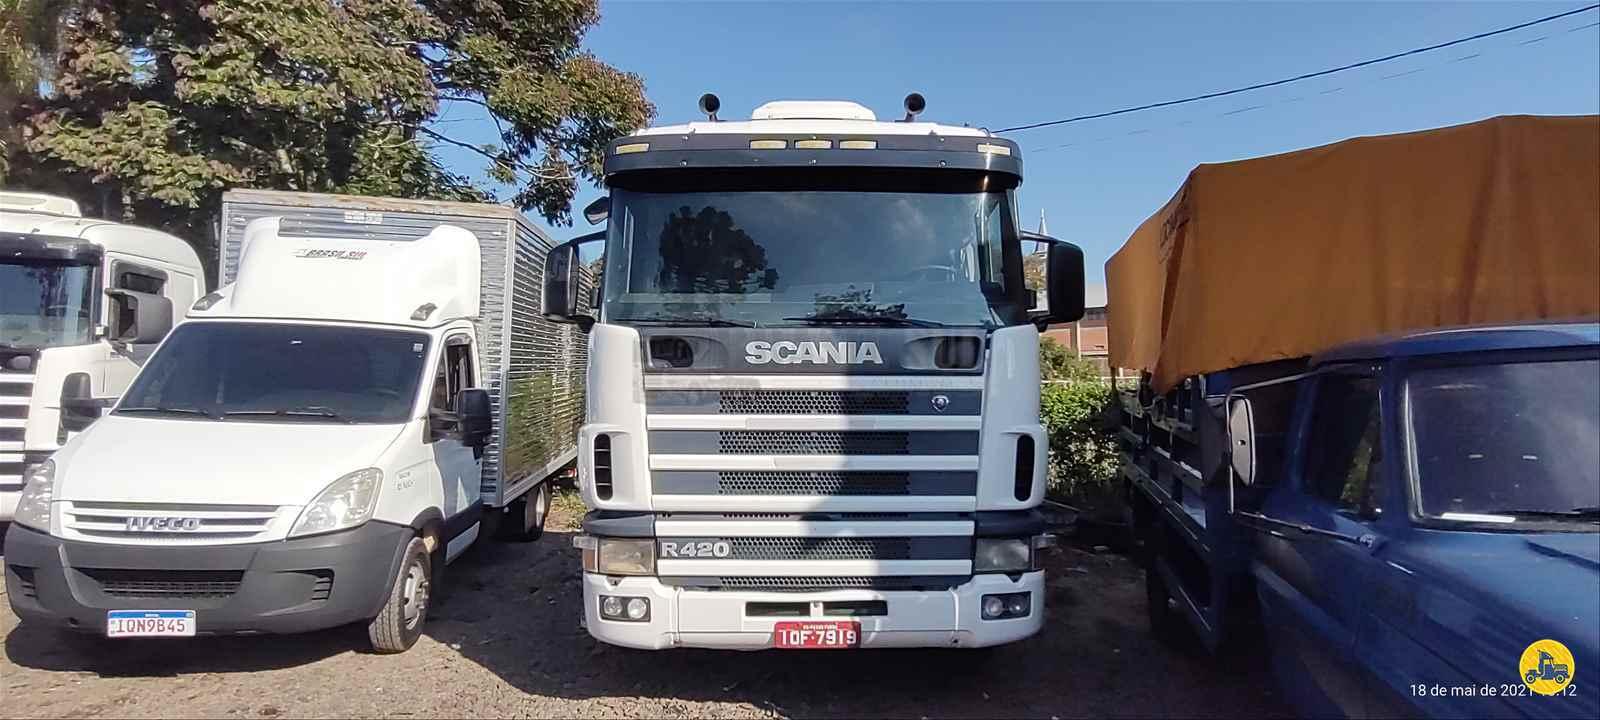 CAMINHAO SCANIA SCANIA 124 420 Cavalo Mecânico Toco 4x2 Brasil Sul Caminhões PORTAO RIO GRANDE DO SUL RS